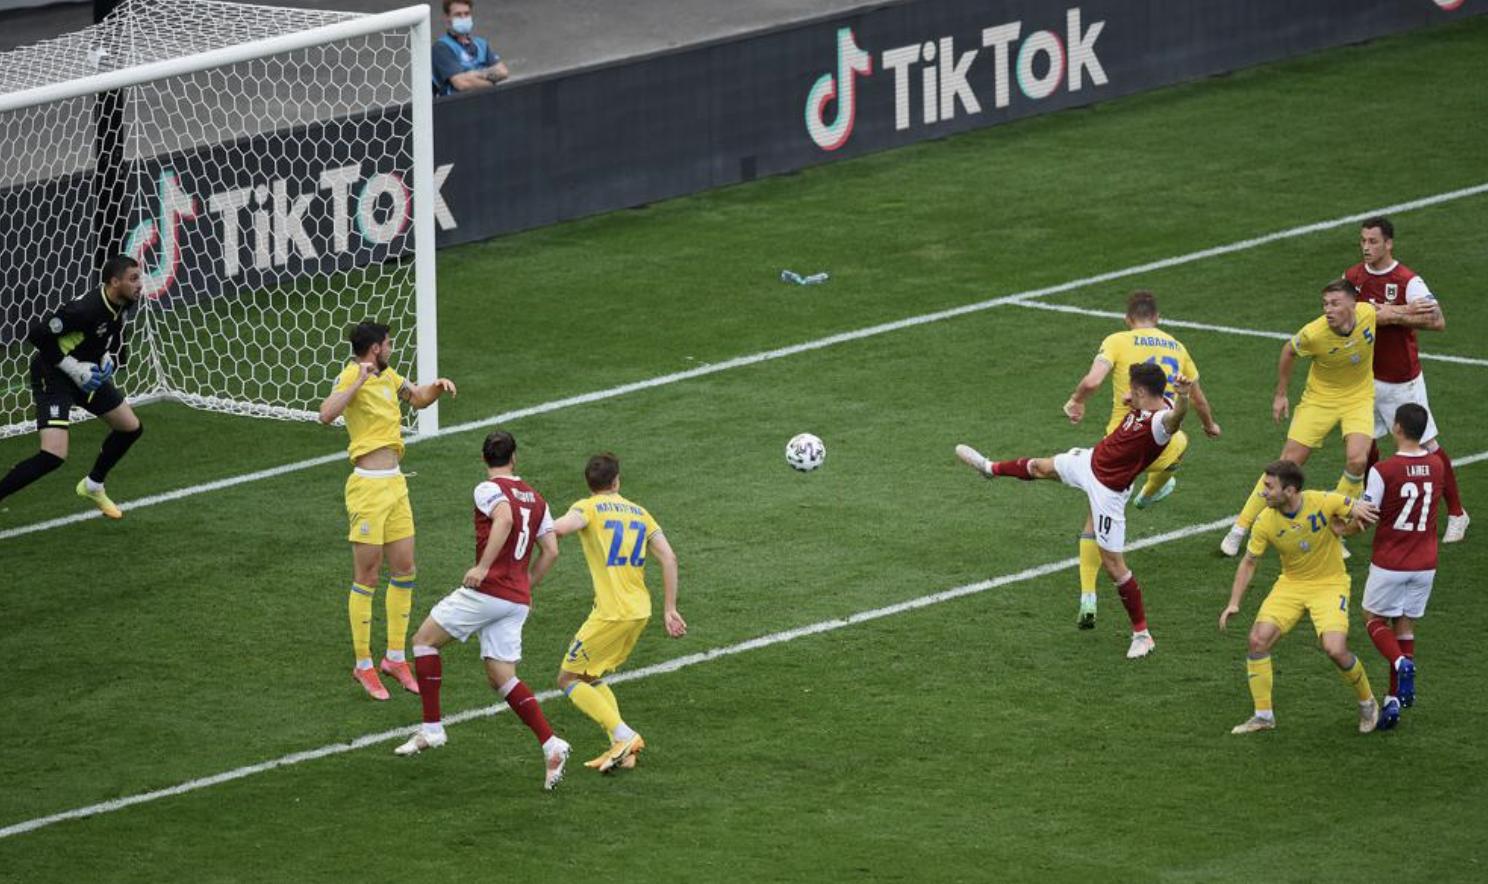 Cú đạp bóng bằng gầm giày của Baumgartner đưa Áo lần đầu vượt qua vòng bảng Euro. Ảnh: UEFA